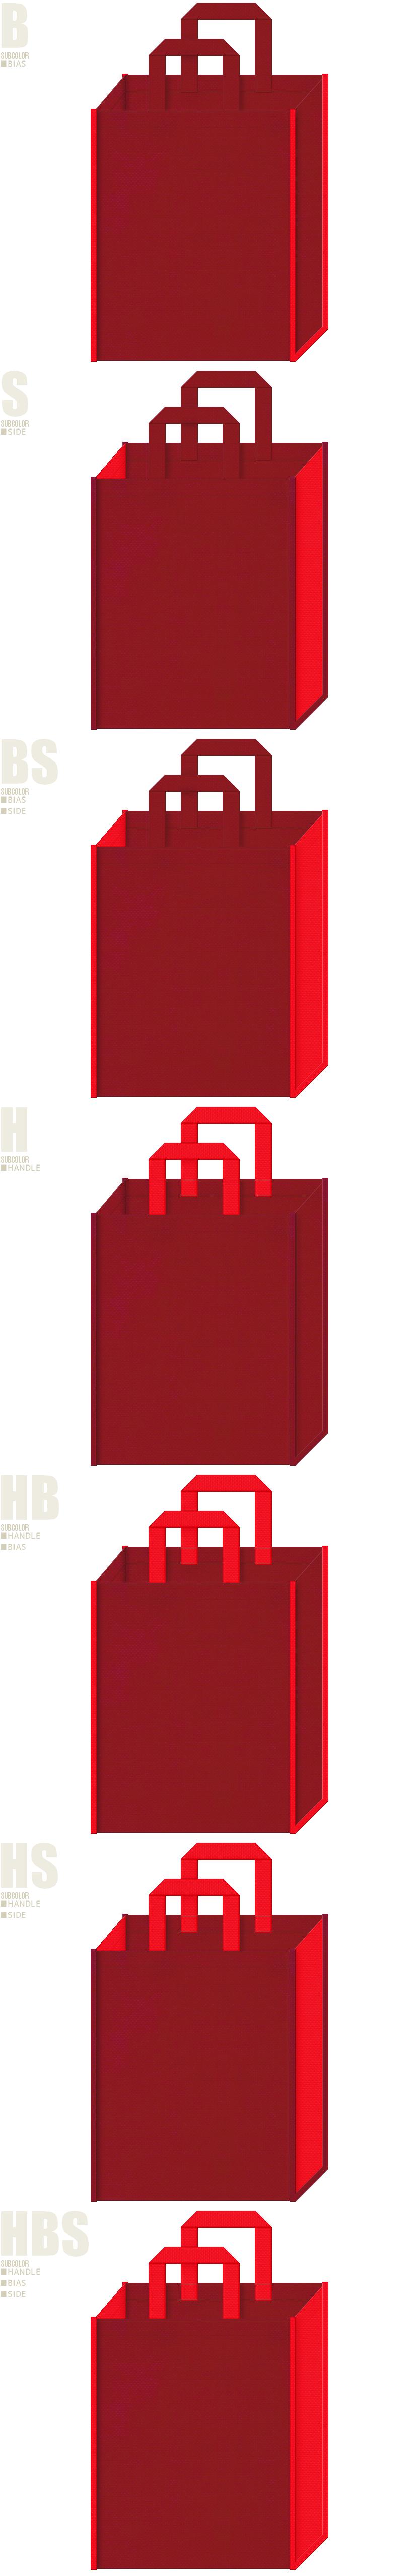 戦国・ゲーム・鎧兜・赤備え・お城イベントにお奨めの不織布バッグデザイン:エンジ色と赤色の配色7パターン